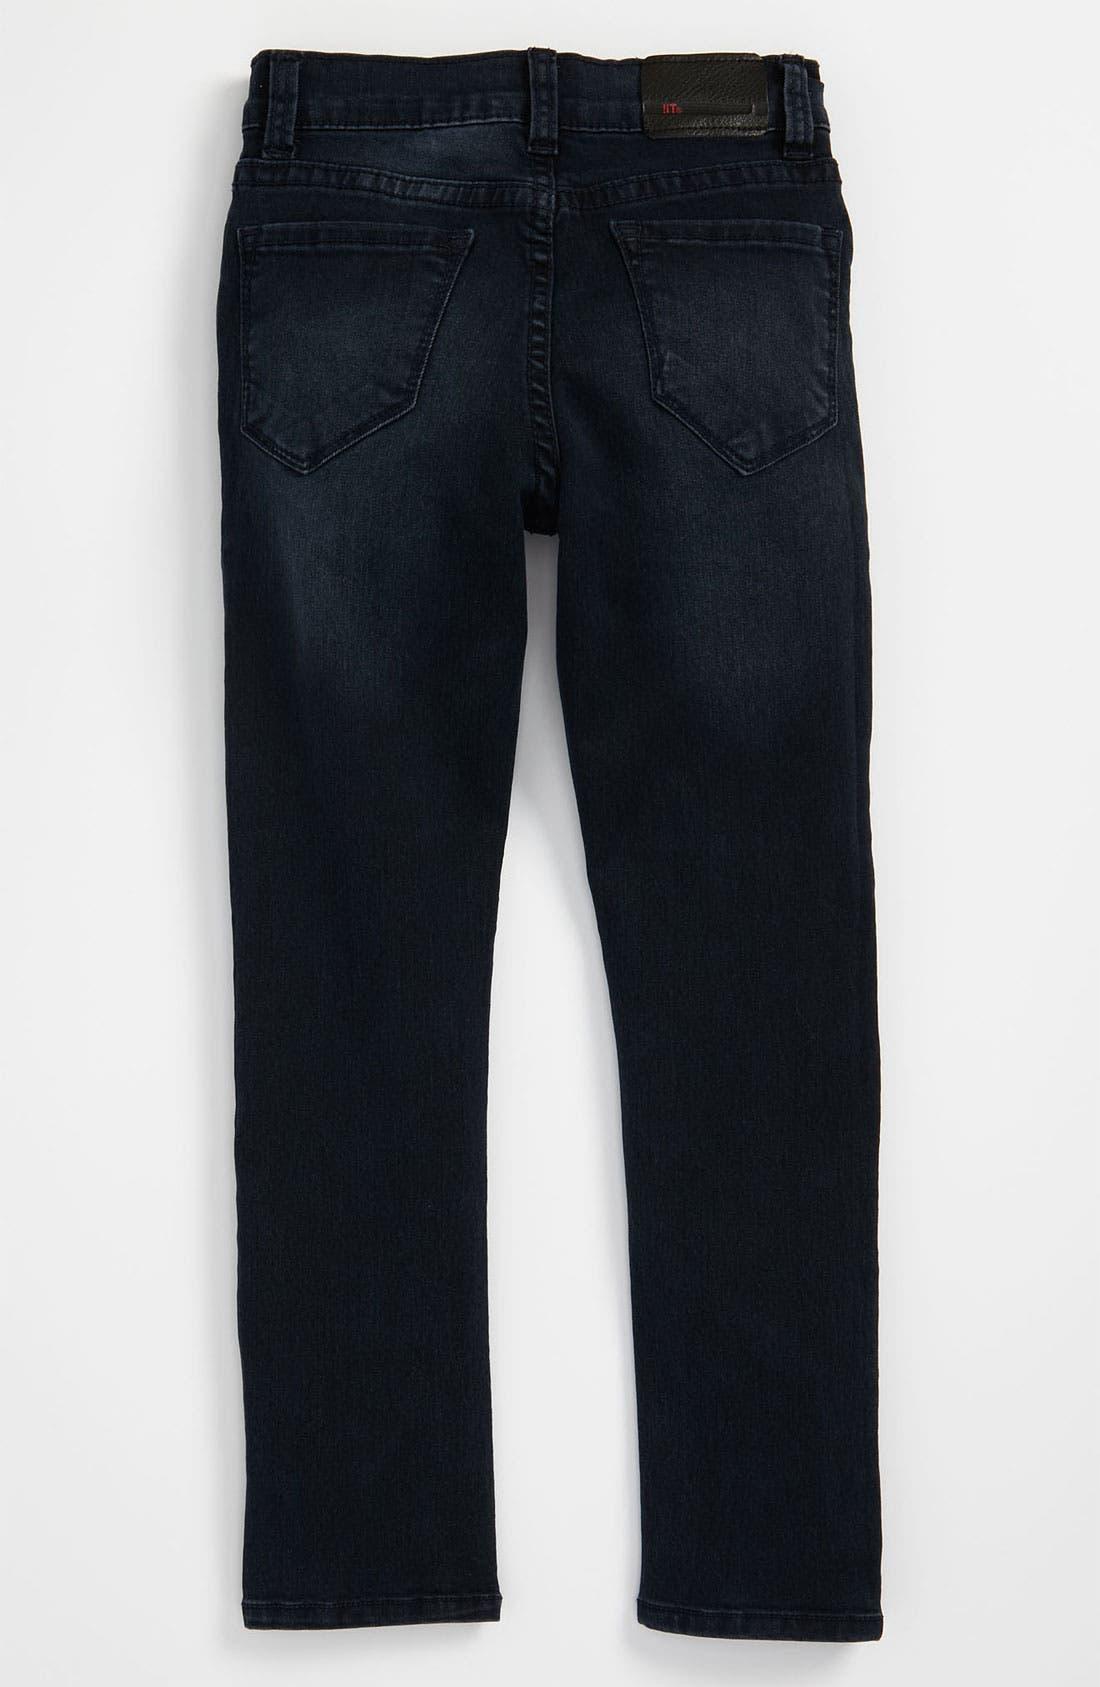 Main Image - !iT JEANS 'Starlett' Skinny Jeans (Big Girls)